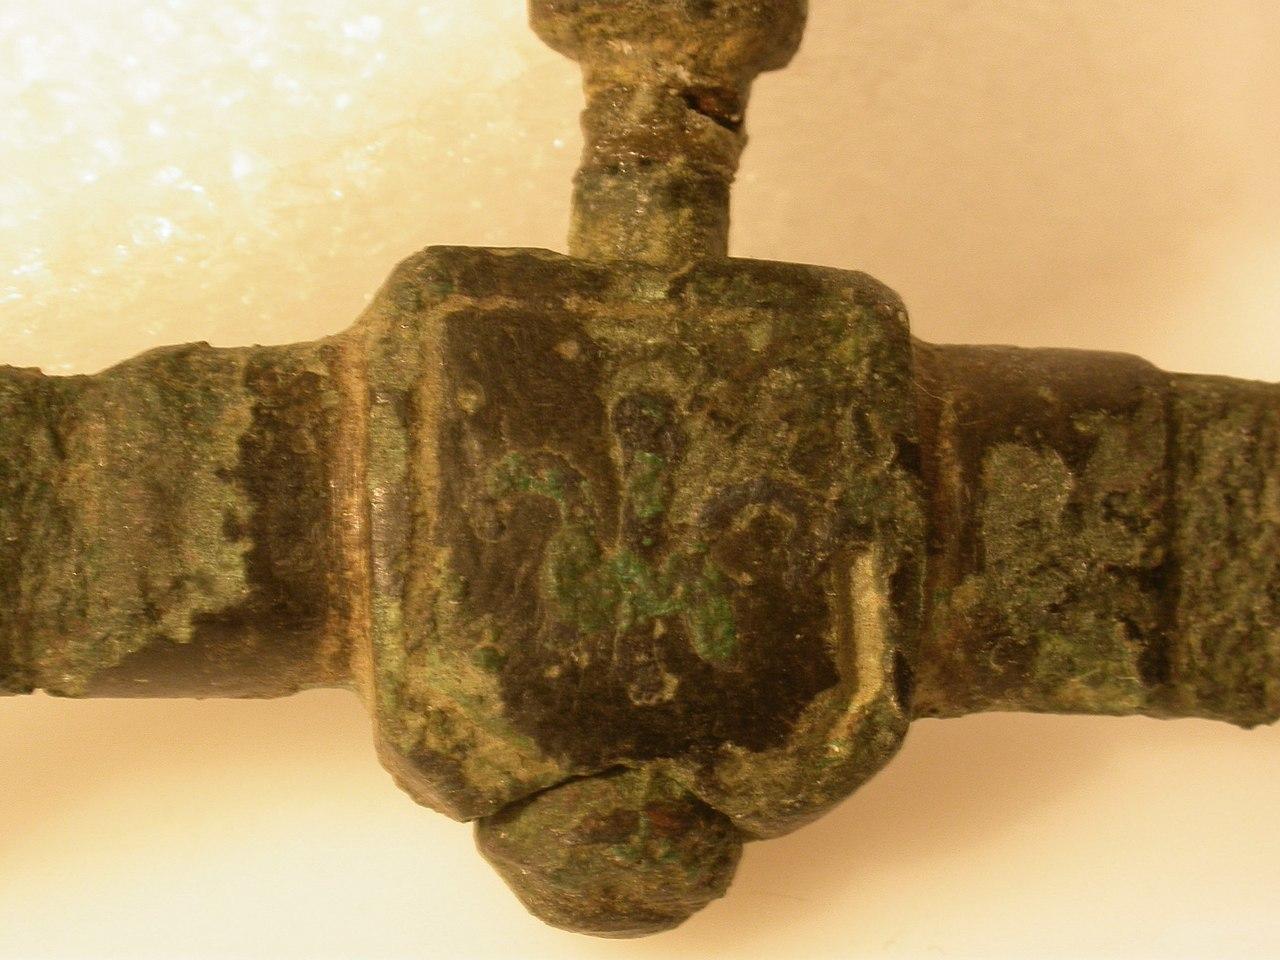 Descoperiri arheologice insolite11